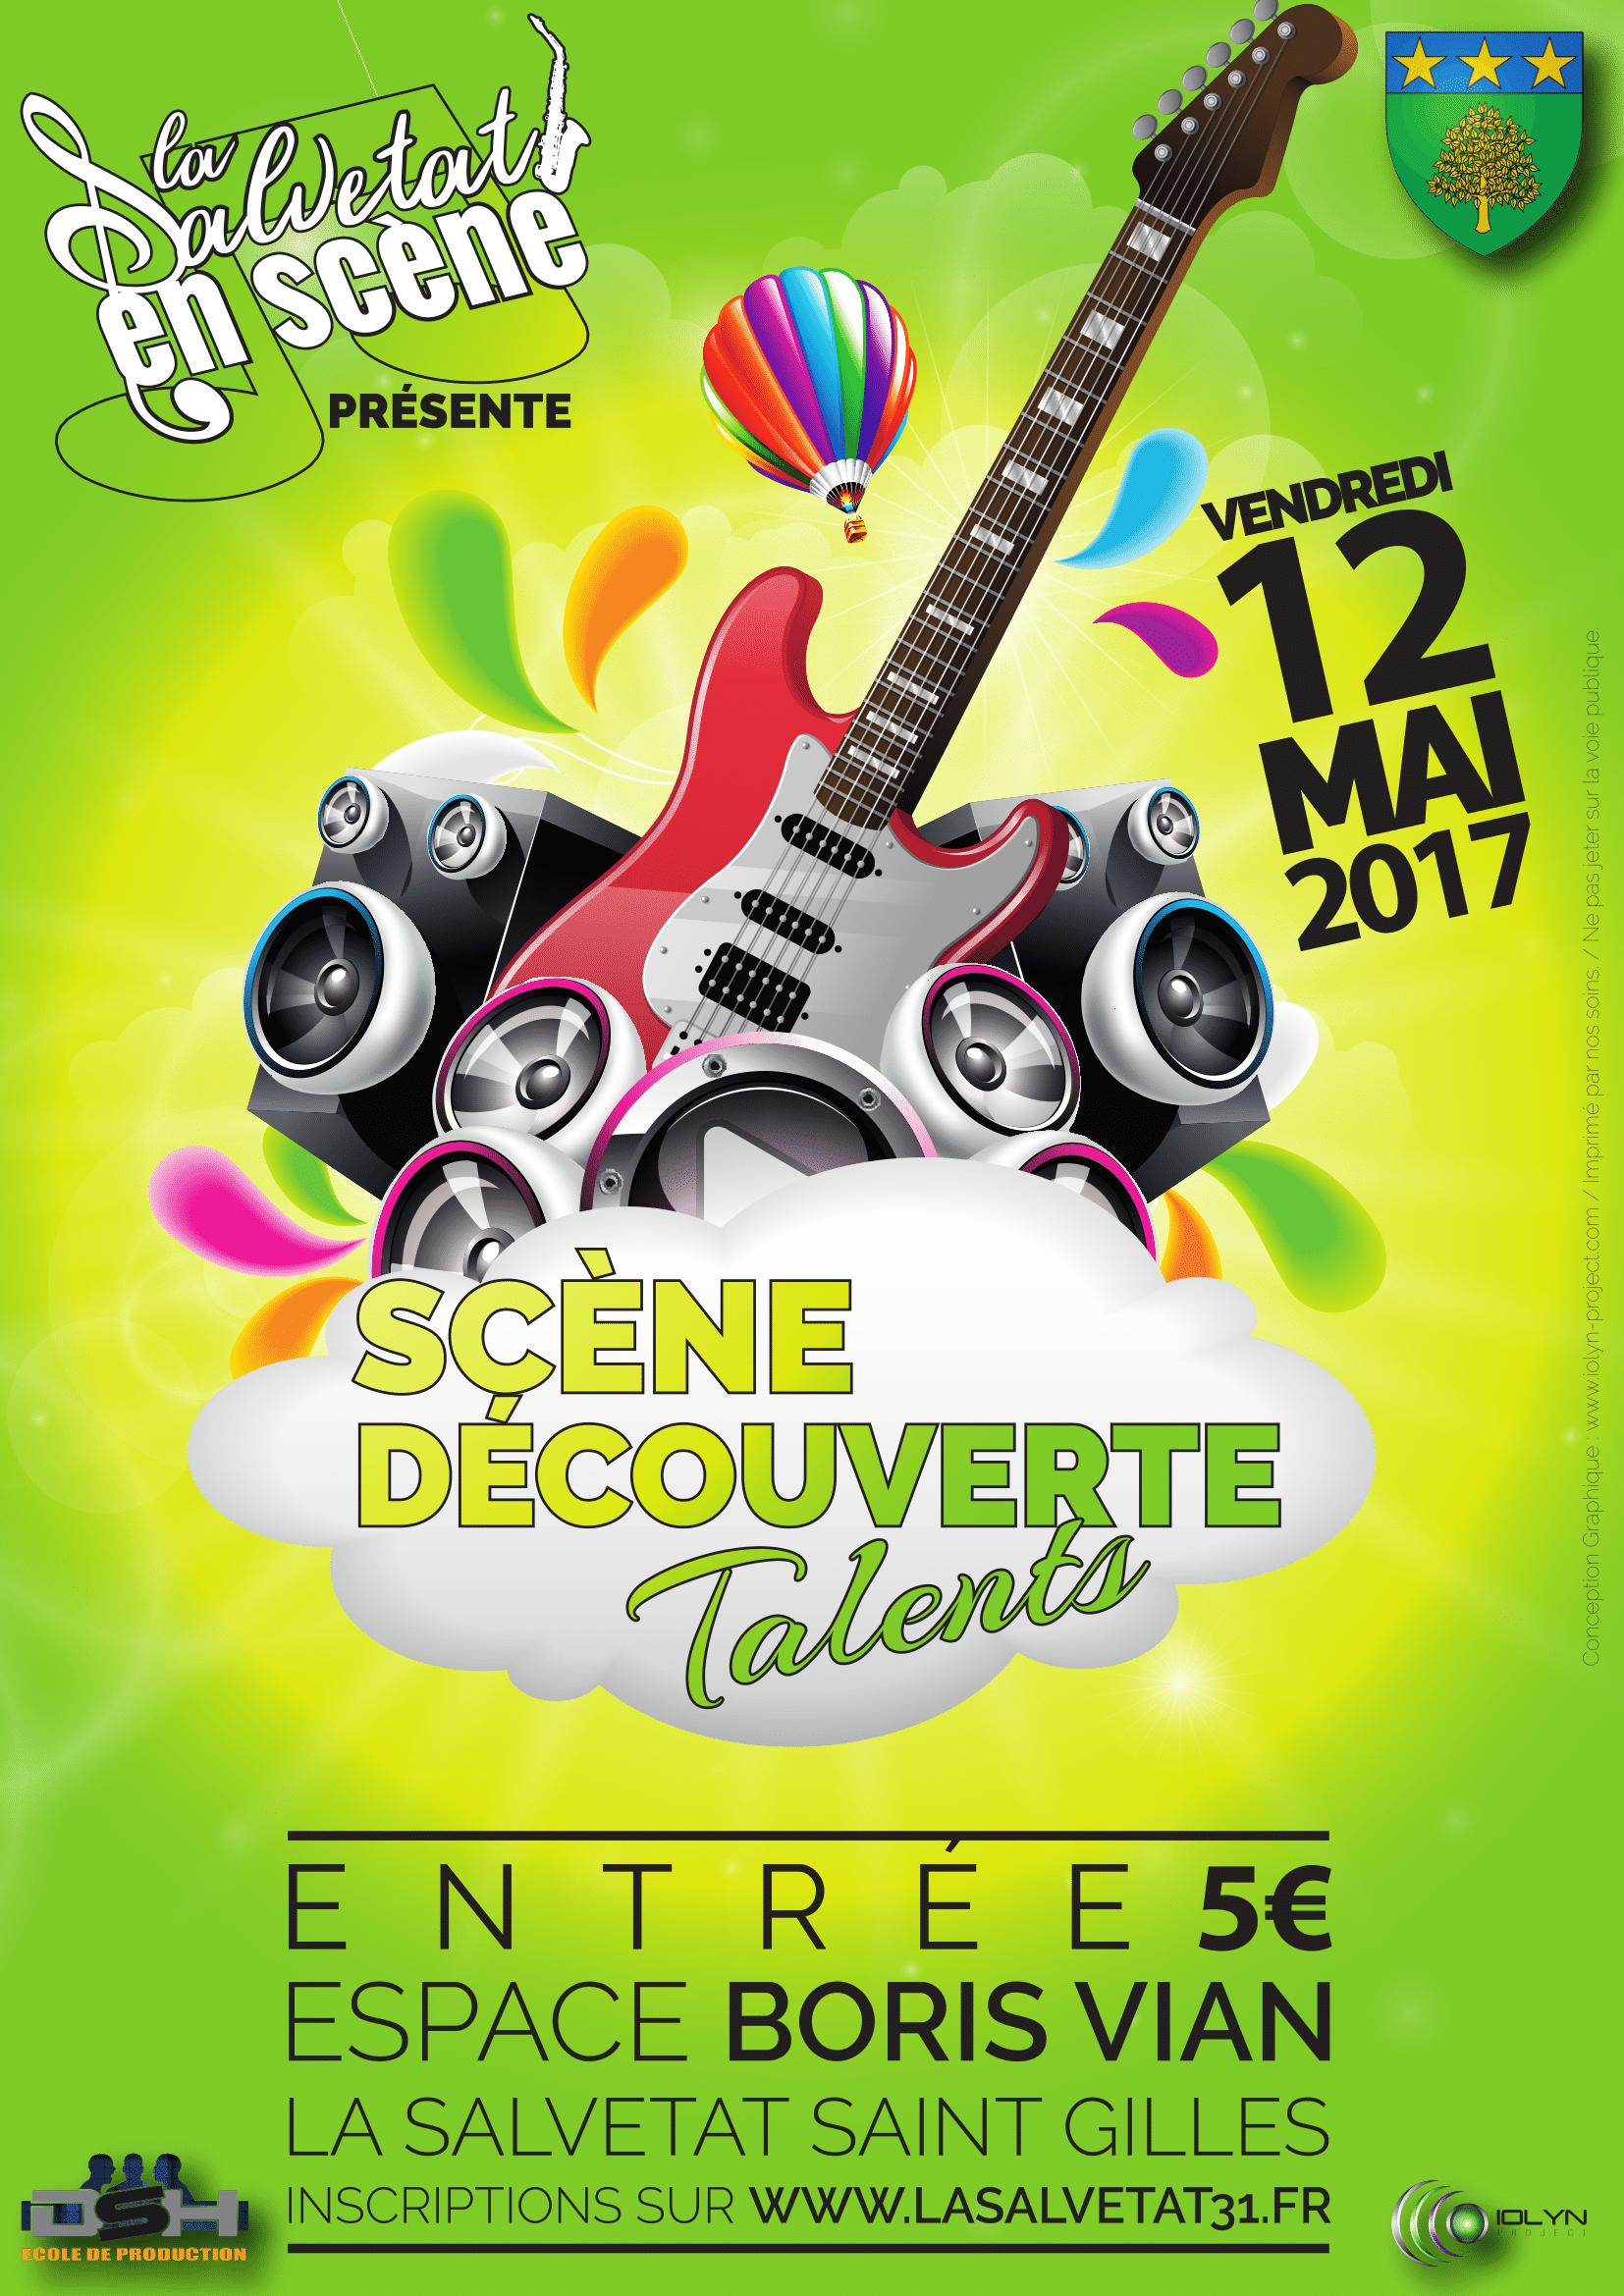 Scène Découverte de Talents : le 12 Mai 2017